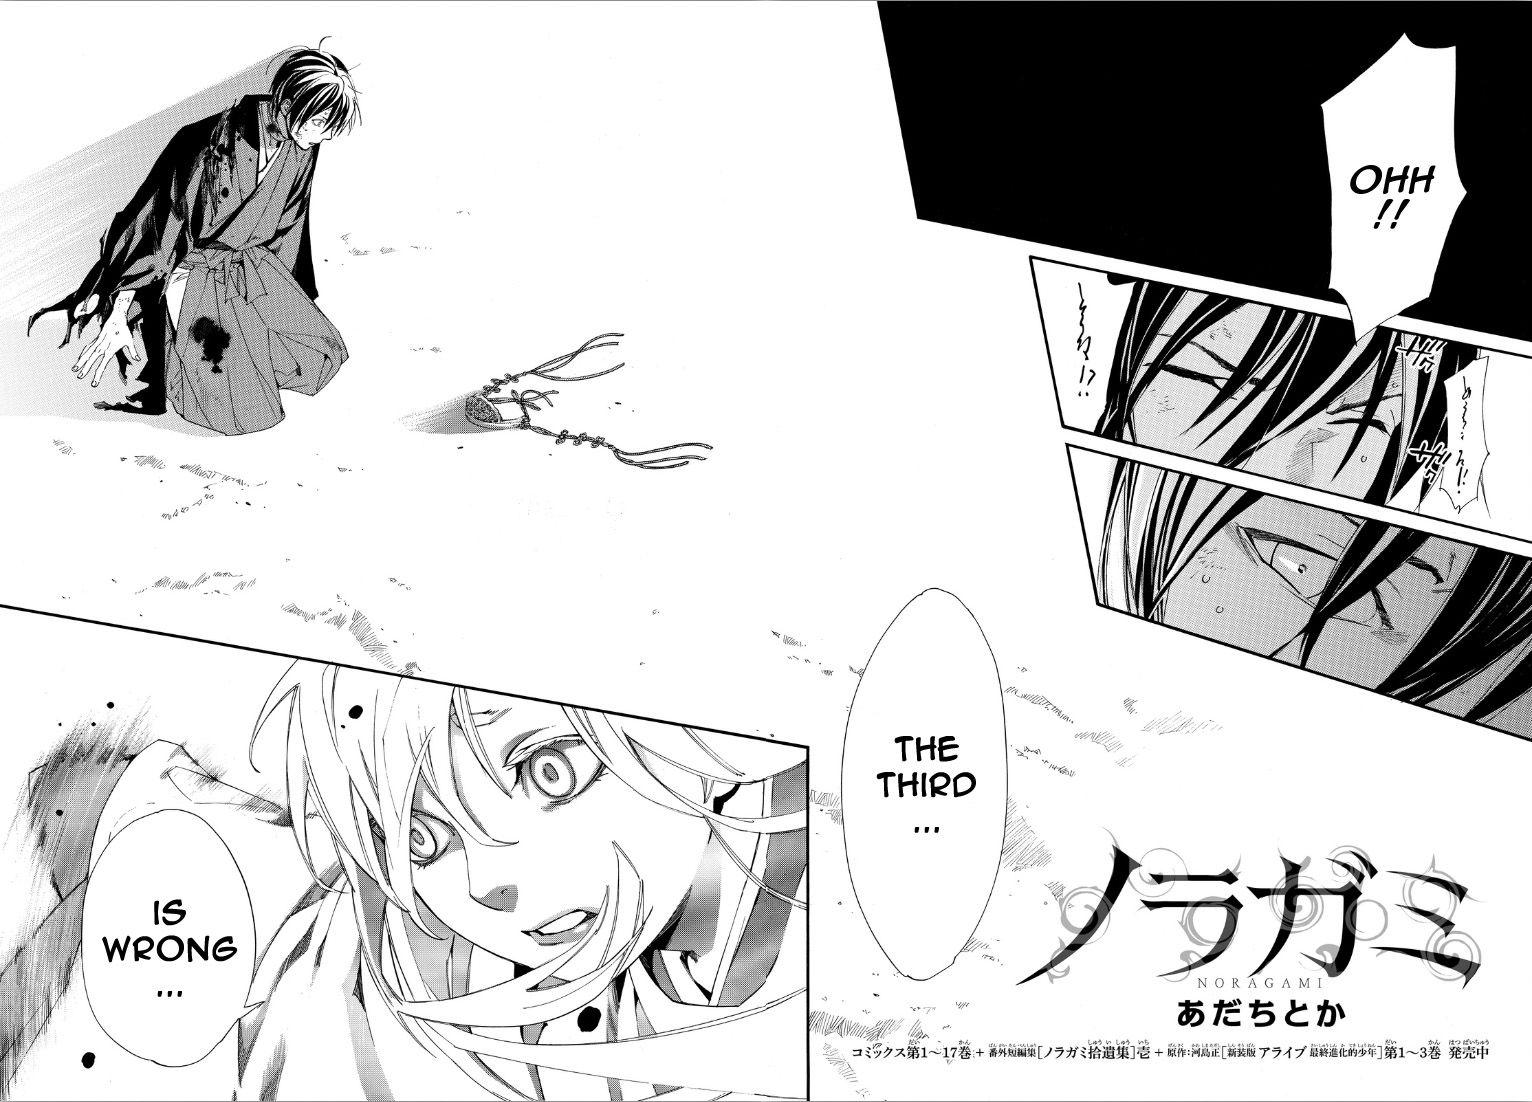 Noragami 72 Page 2